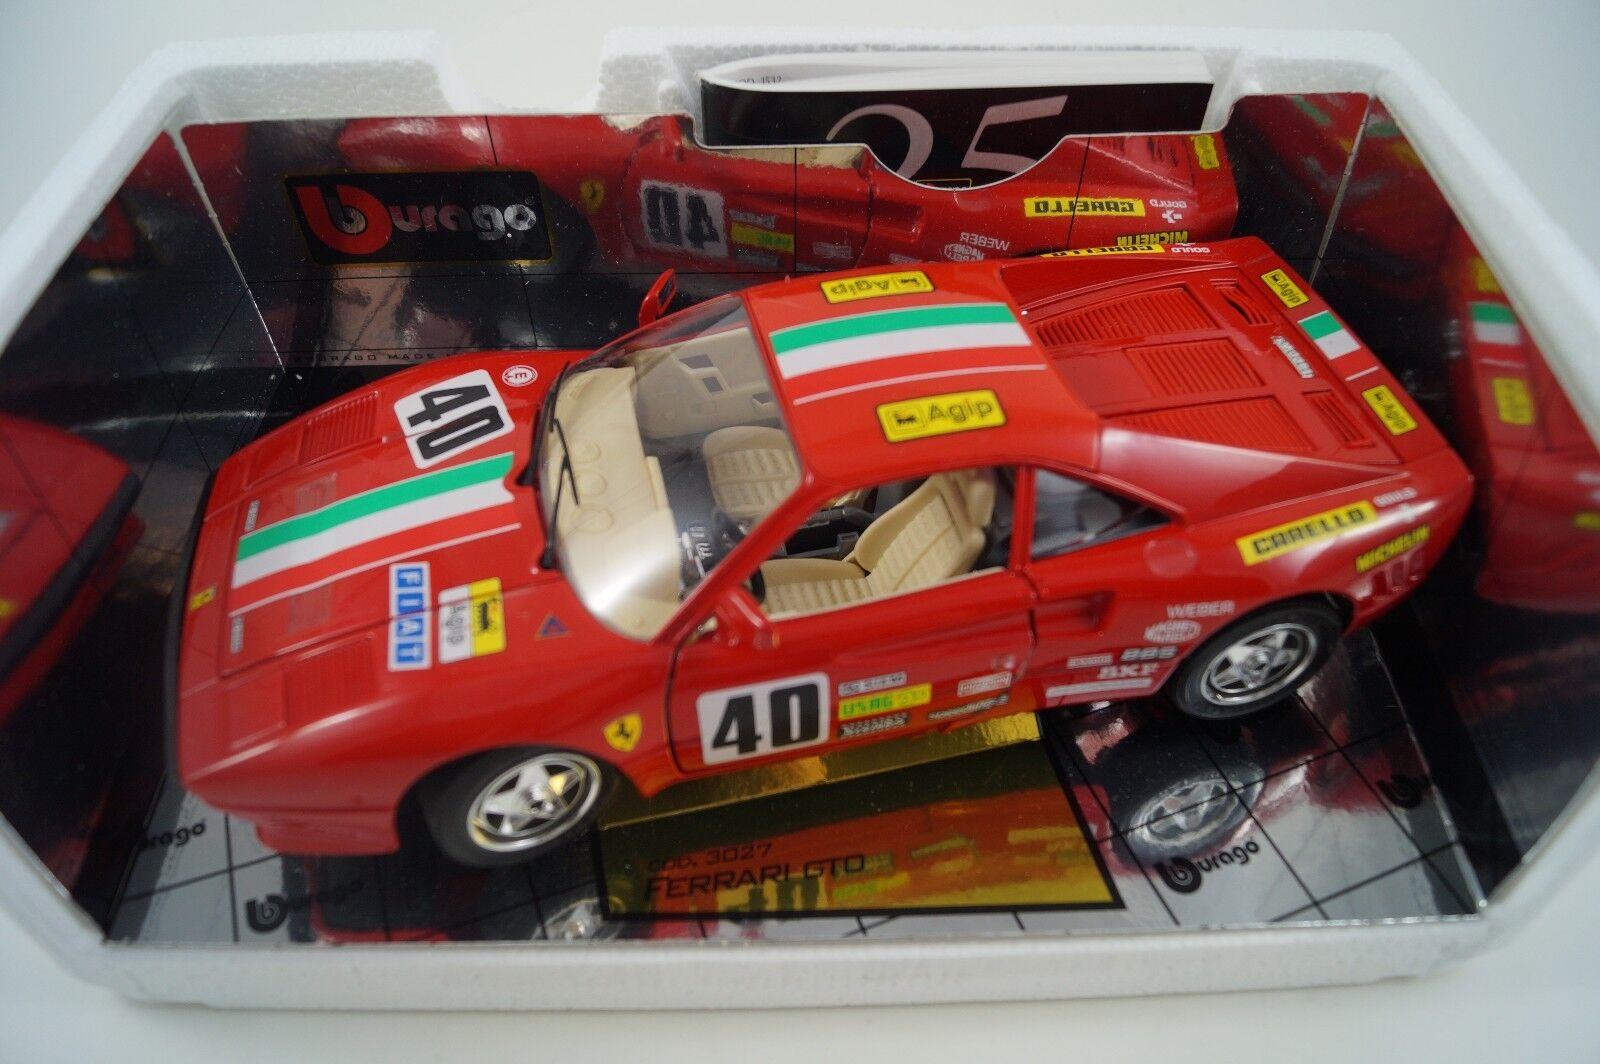 Bburago BURAGO voiture miniature 1 18 FERRARI GTO 1984 Nº 40 Cod. 3027  en OVP